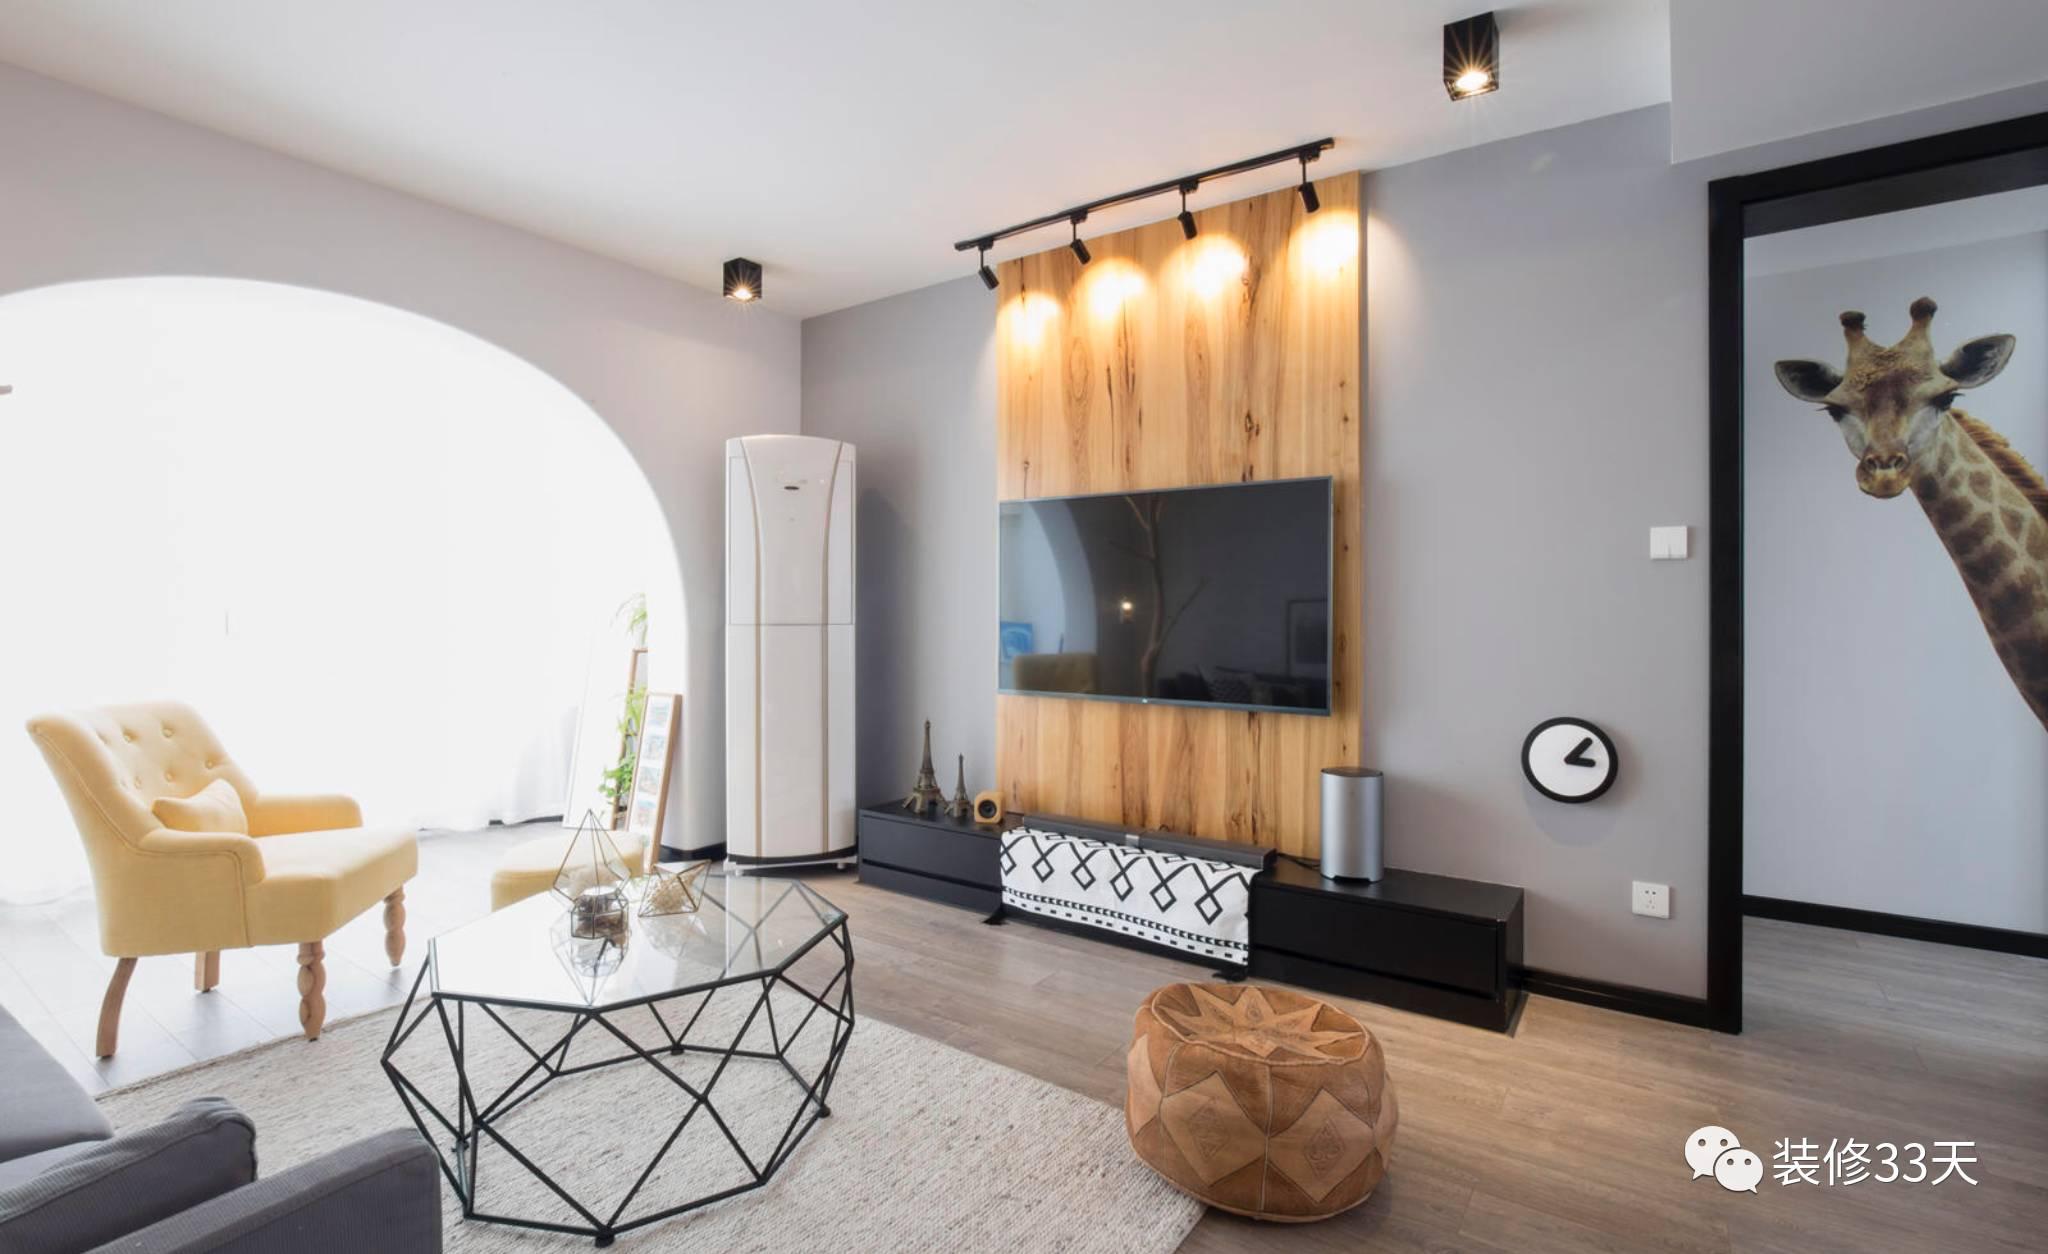 黑白灰的基调,布艺沙发柔软舒适,背景用一幅木饰边框画装饰,铁艺茶几